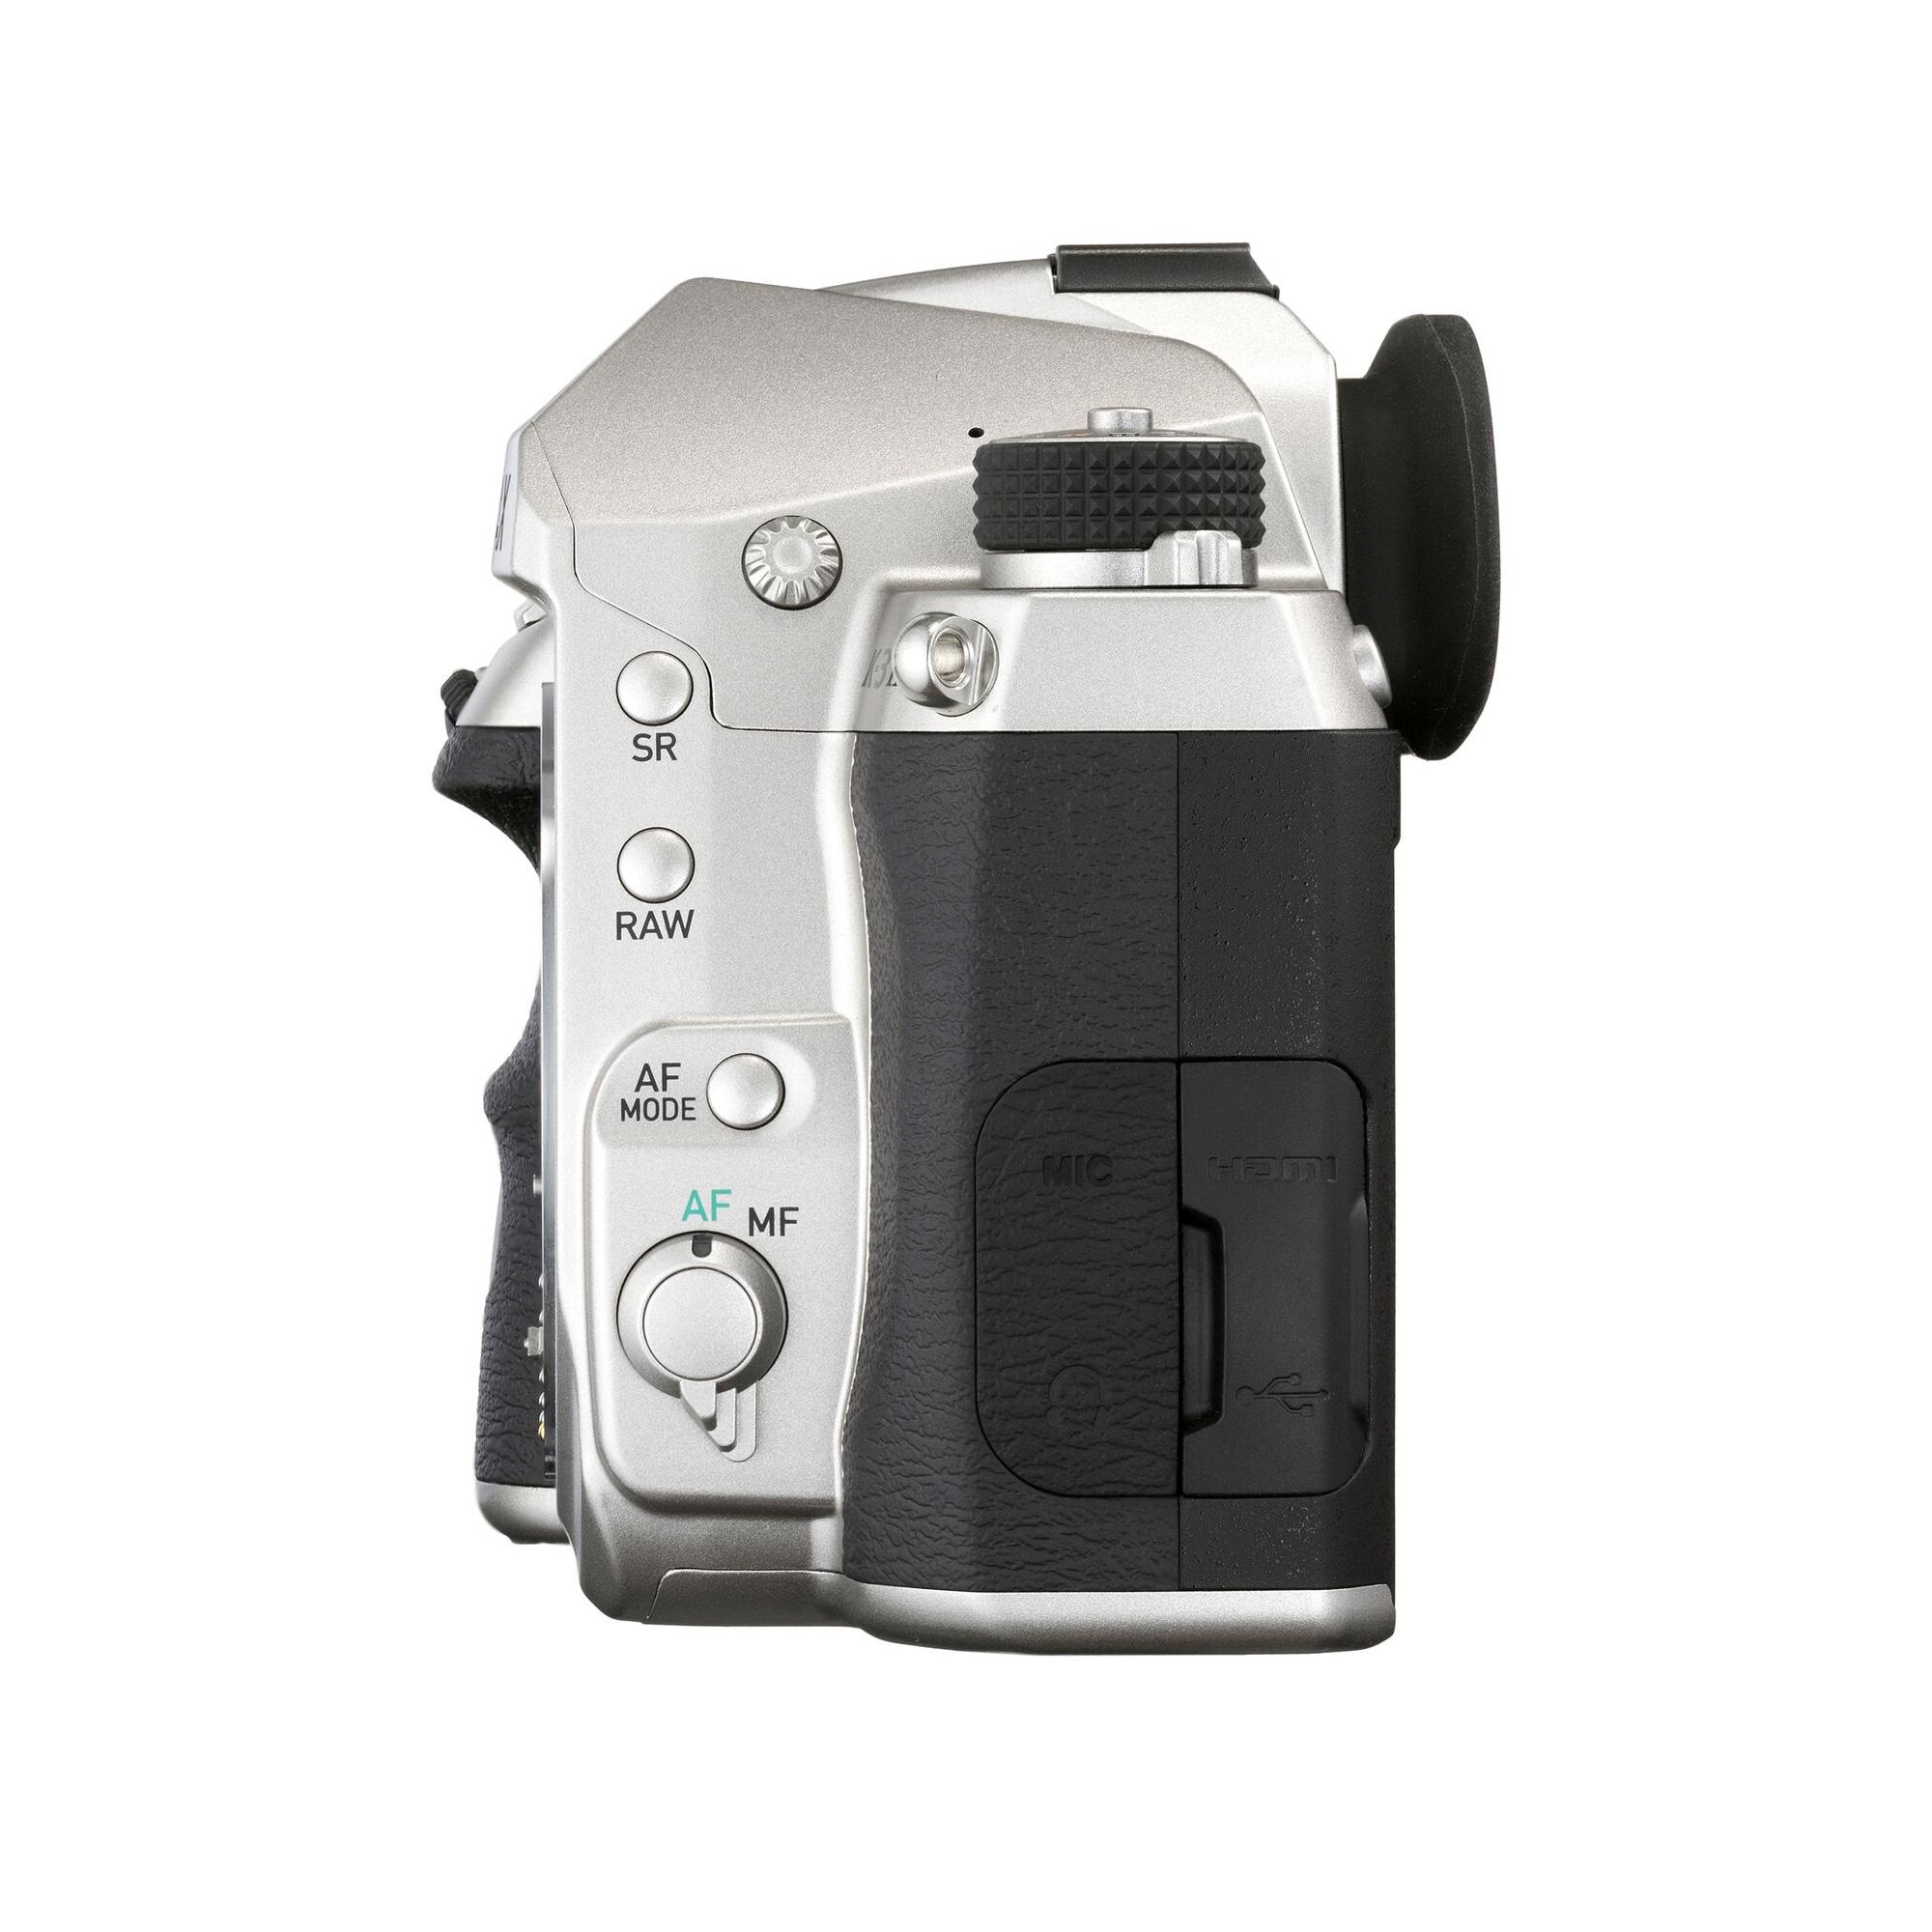 Pentax K-3 Mark III Silver